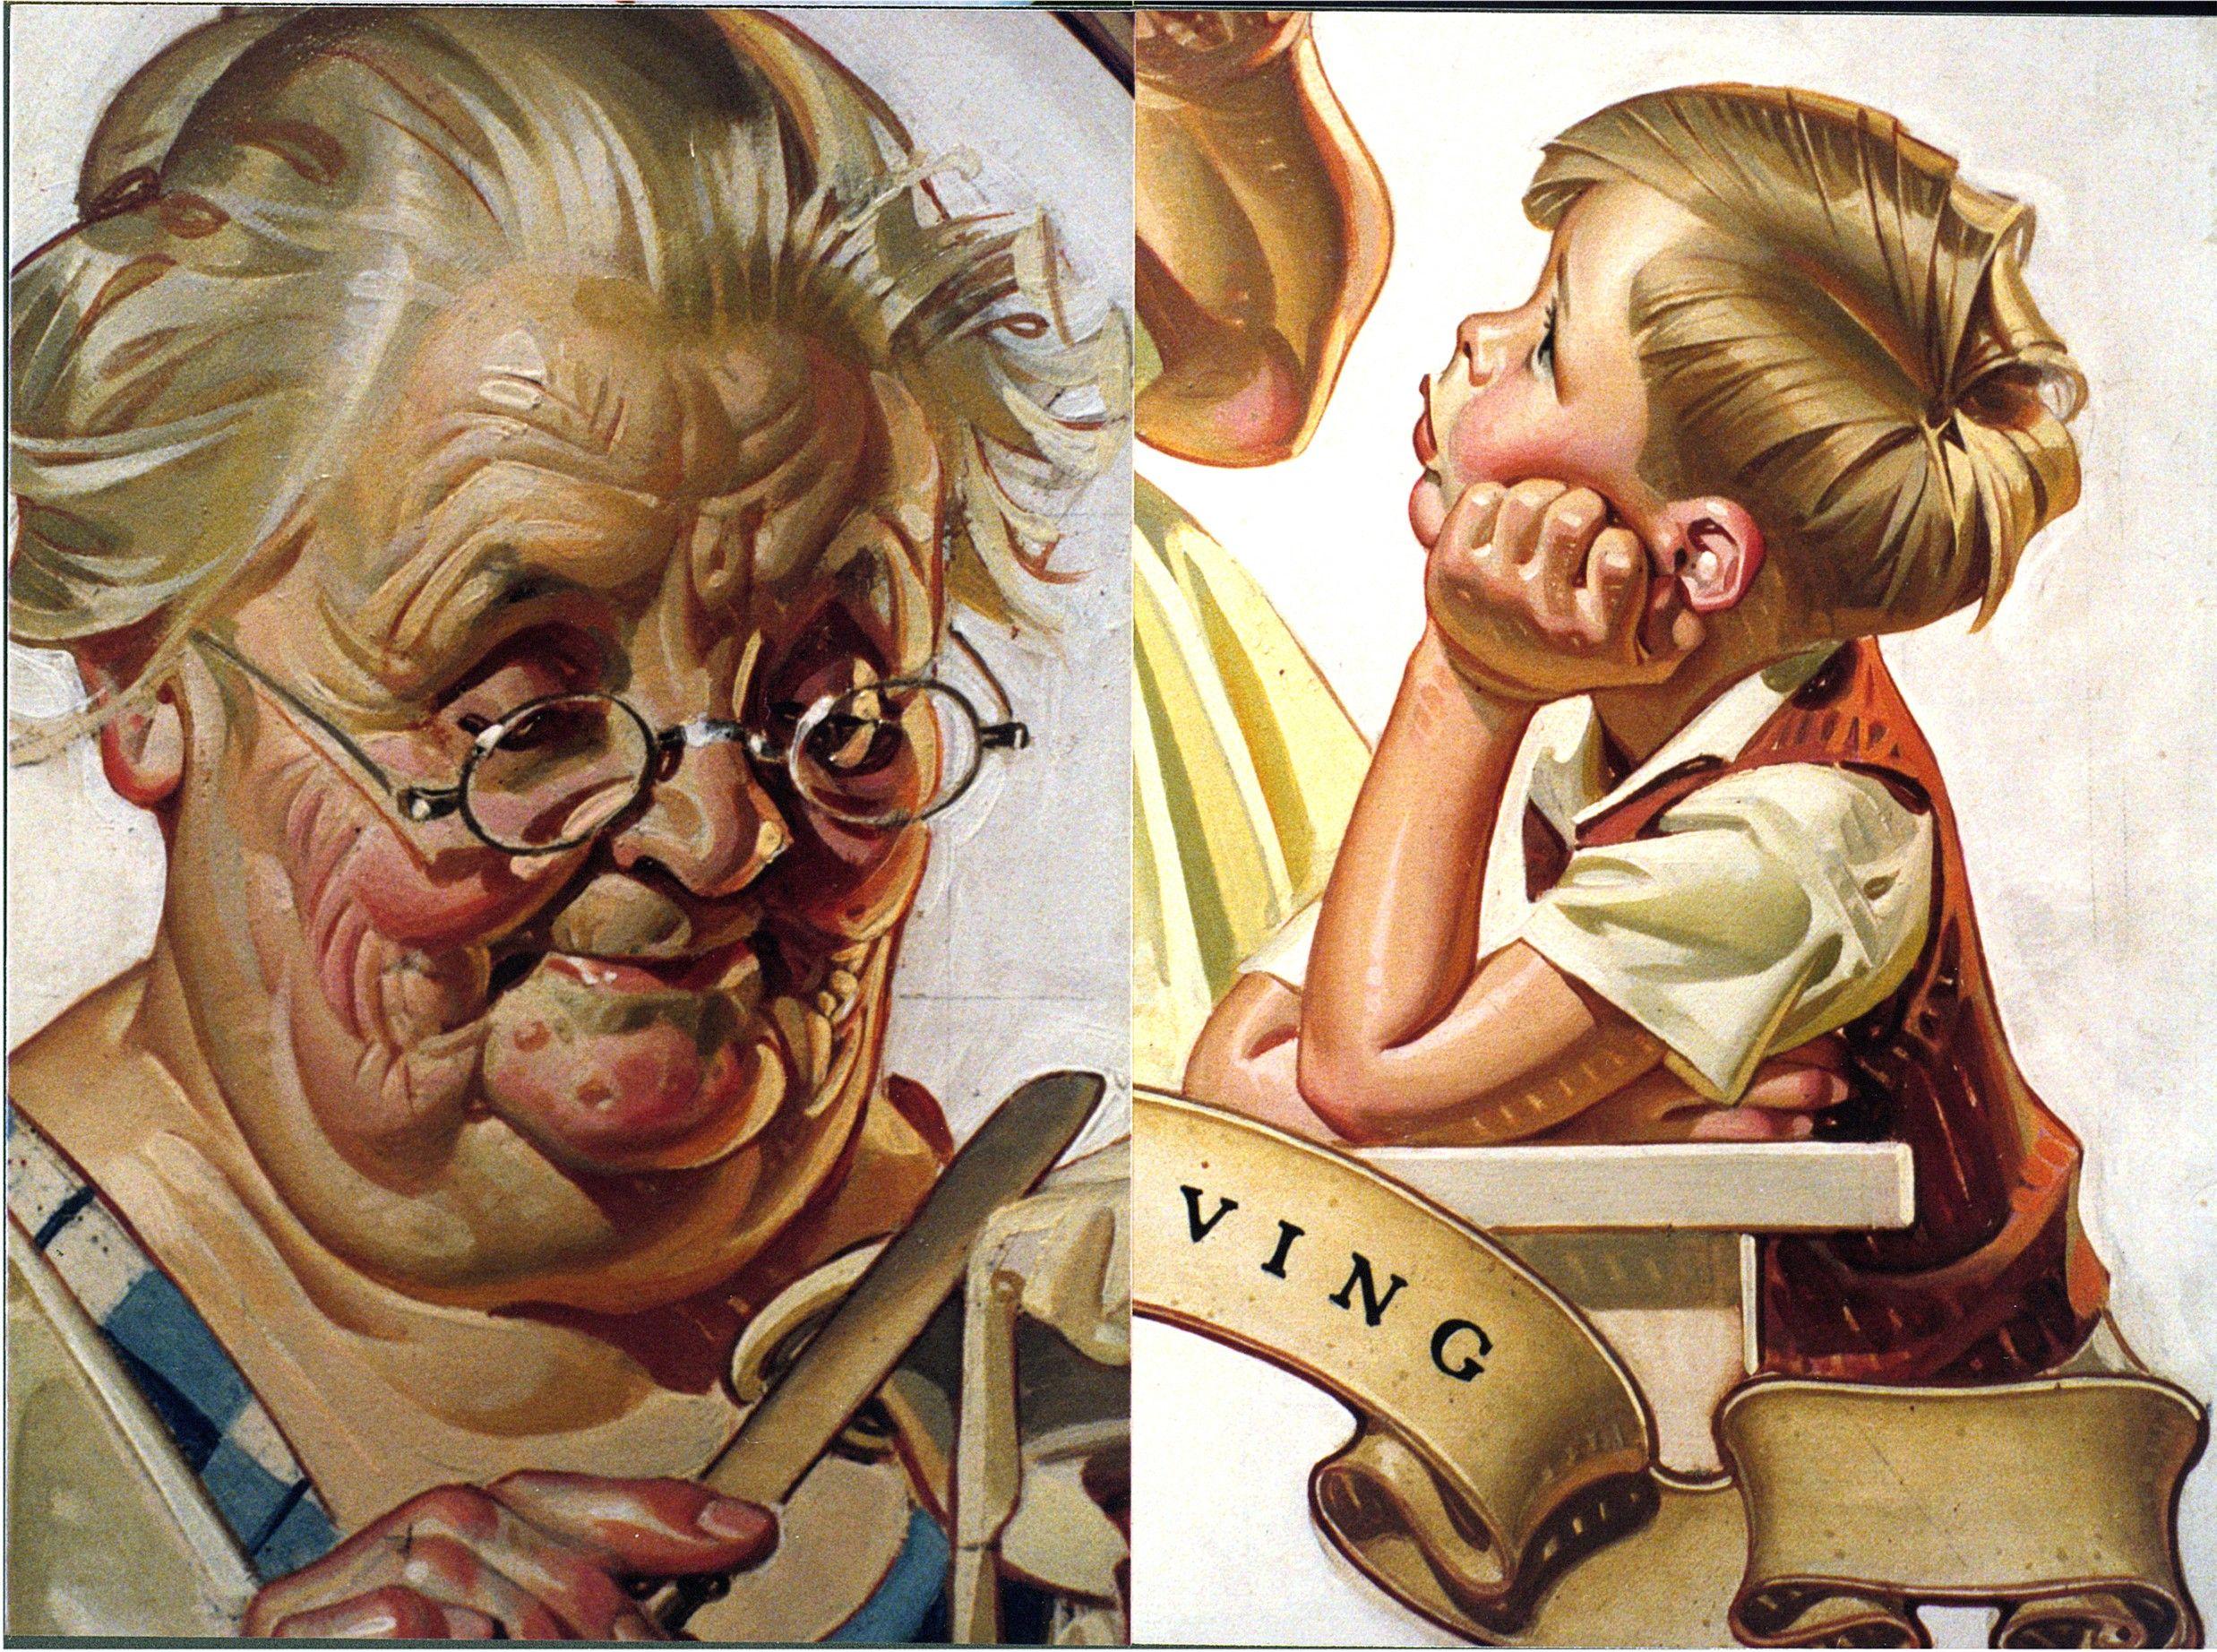 Leyendecker Jc Art Original